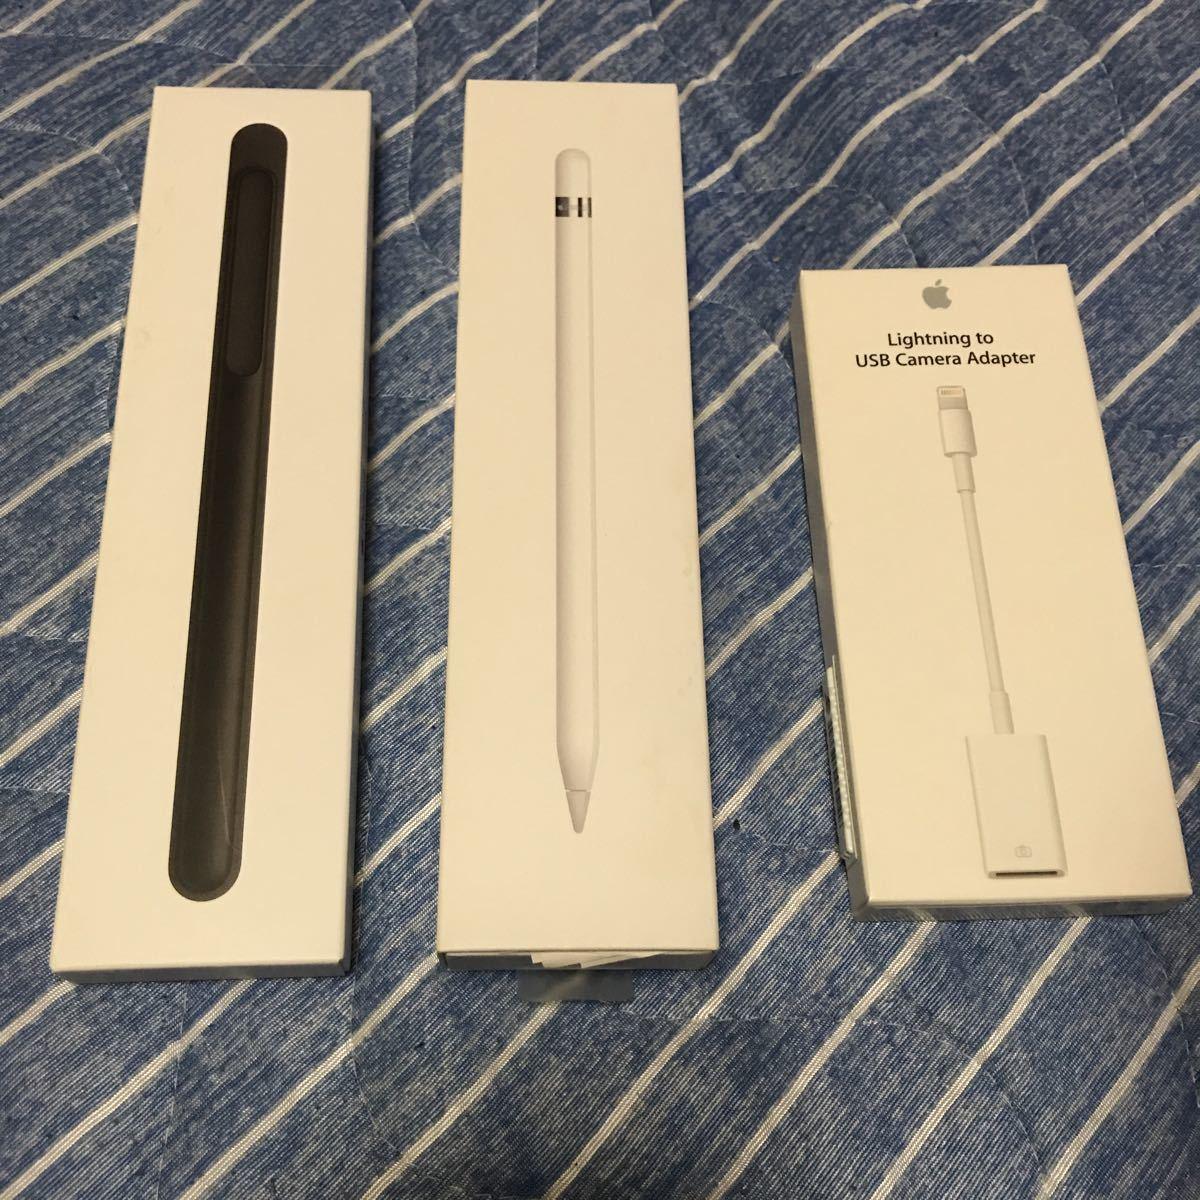 美品 iPad Pro 10.5インチ 258GB スペースグレーau Smart Keyboard Pencil 豪華セット MPHG2J/A_画像9